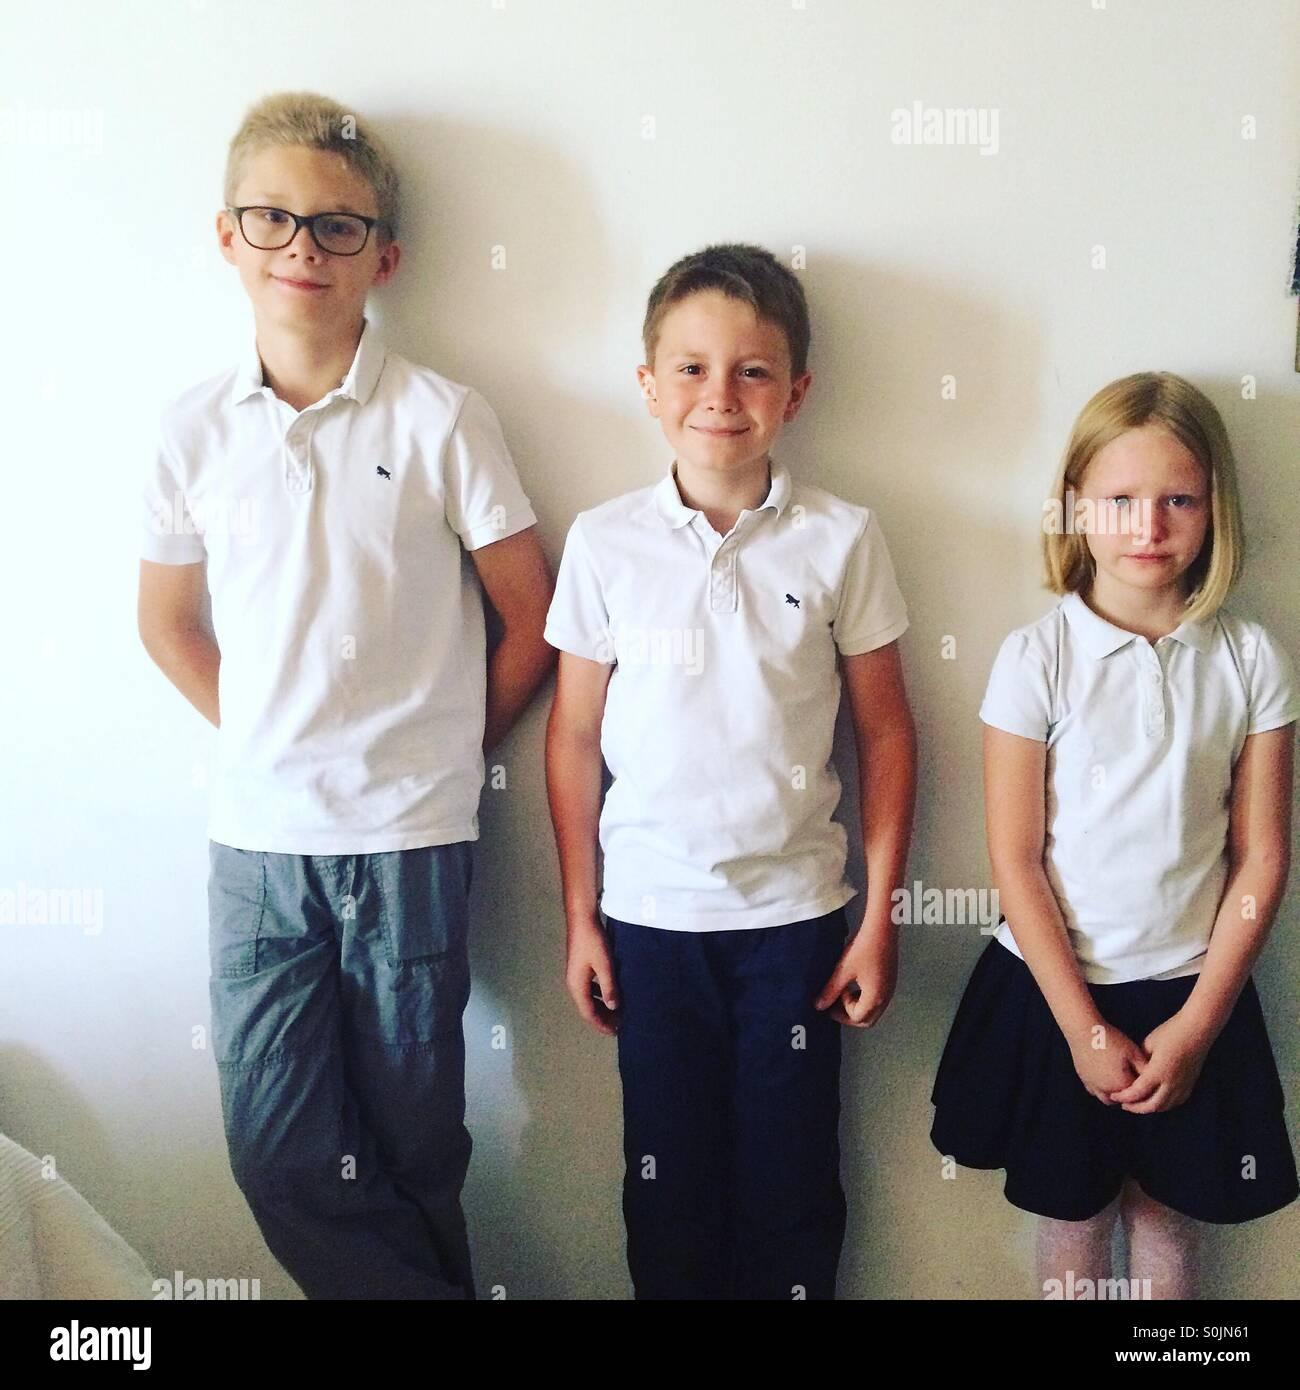 Drei Kinder, freuen sich Geschwister kurz vor ihrem ersten Tag der Schule-zwei jungen in schöne Outfits gekleidet Stockbild